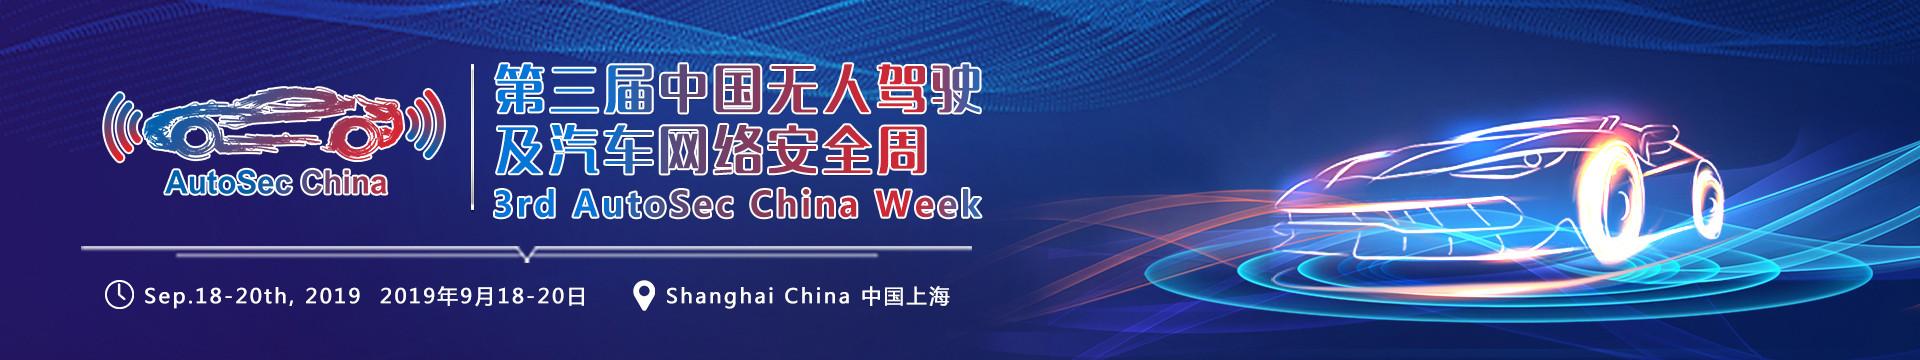 2019第三届我国无人驾驶及轿车网络安全周(AutoSec China Week)|上海